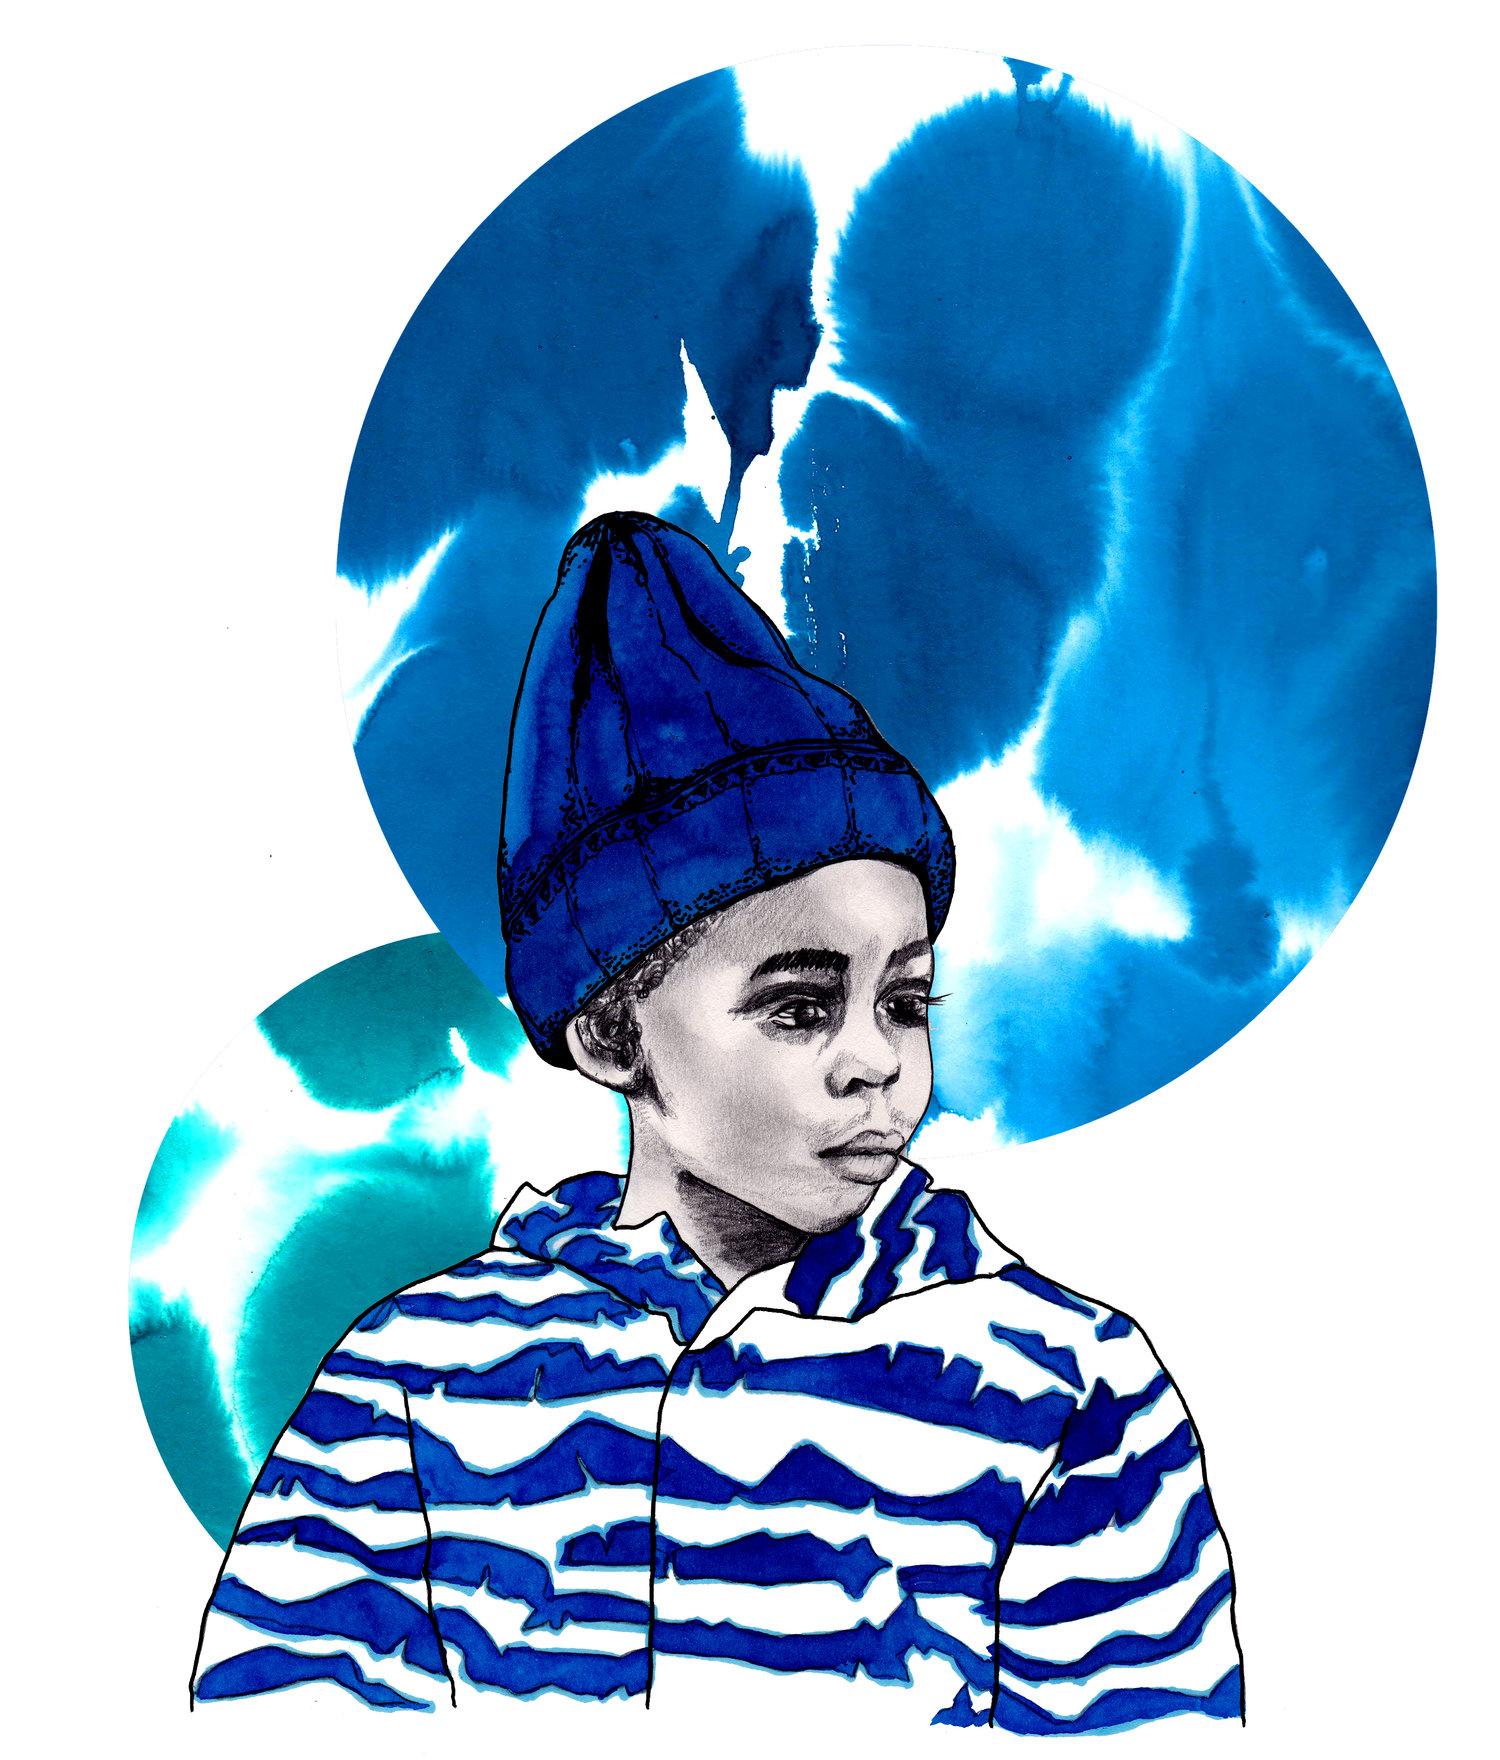 blue+boy.jpg